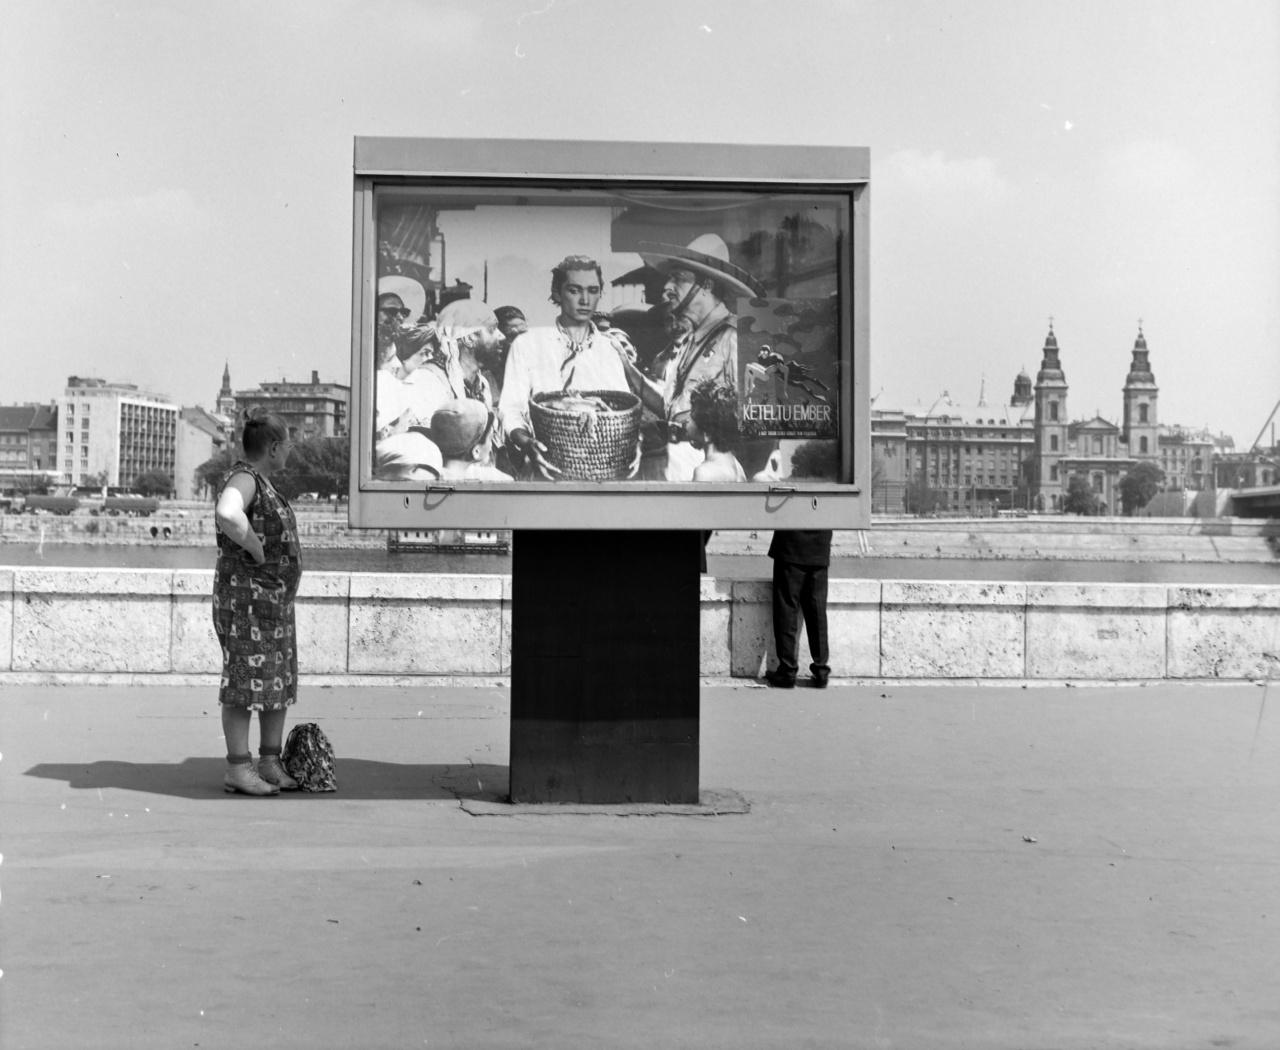 """Az 1962-es szovjet sci-fi, a Kétéltű ember (Gennagyij Kazanszkij - Vlagyimir Csebotarjev) felújított változatát (1971) egy kinagyított standfotóval hirdették a Batthyány téren. Az üvegezett hirdetőtábla jobb oldalára pedig egyszerűen betettek egy kis alakú """"villamos plakátot"""", aminek grafikája nem igazán illeszkedett a fotóhoz. A földre helyezett táskával várakozó nő, a fotós kérésére vagy talán árnyékot keresve állt félre és fordította arcát a Duna és az Erzsébet hír irányába."""